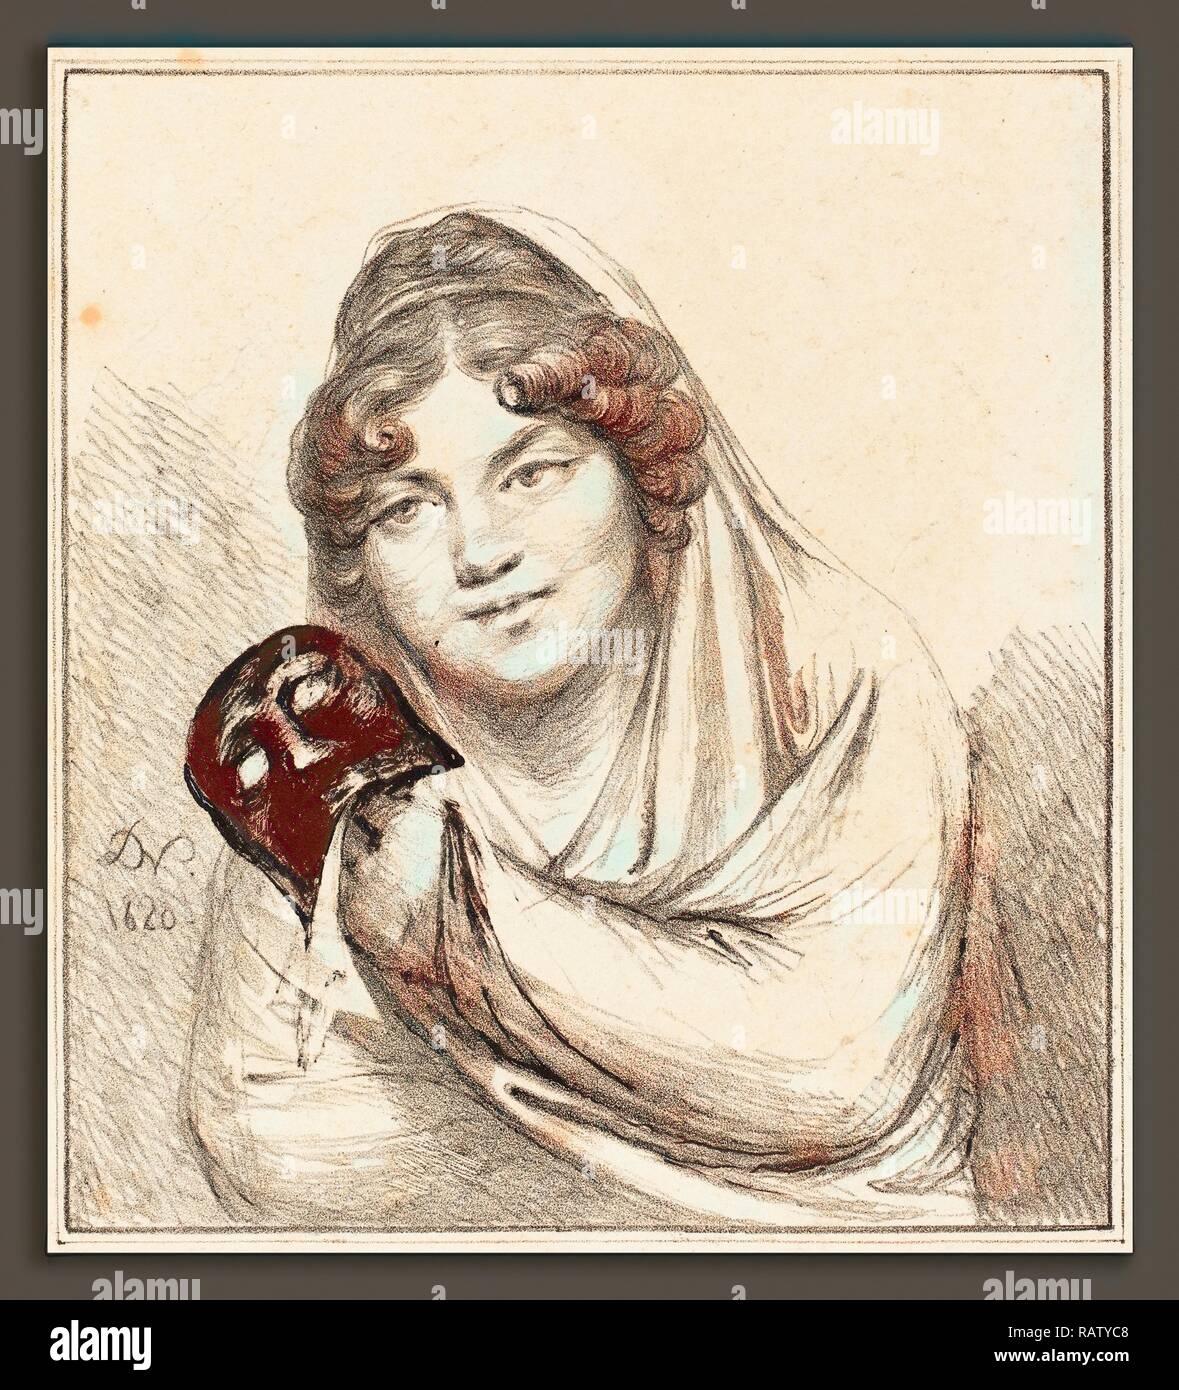 Le Baron Dominique Vivant Denon (Français, 1747 - 1825), fille avec un masque, 1820, lithographie. Repensé par Gibon. Classic repensé Banque D'Images